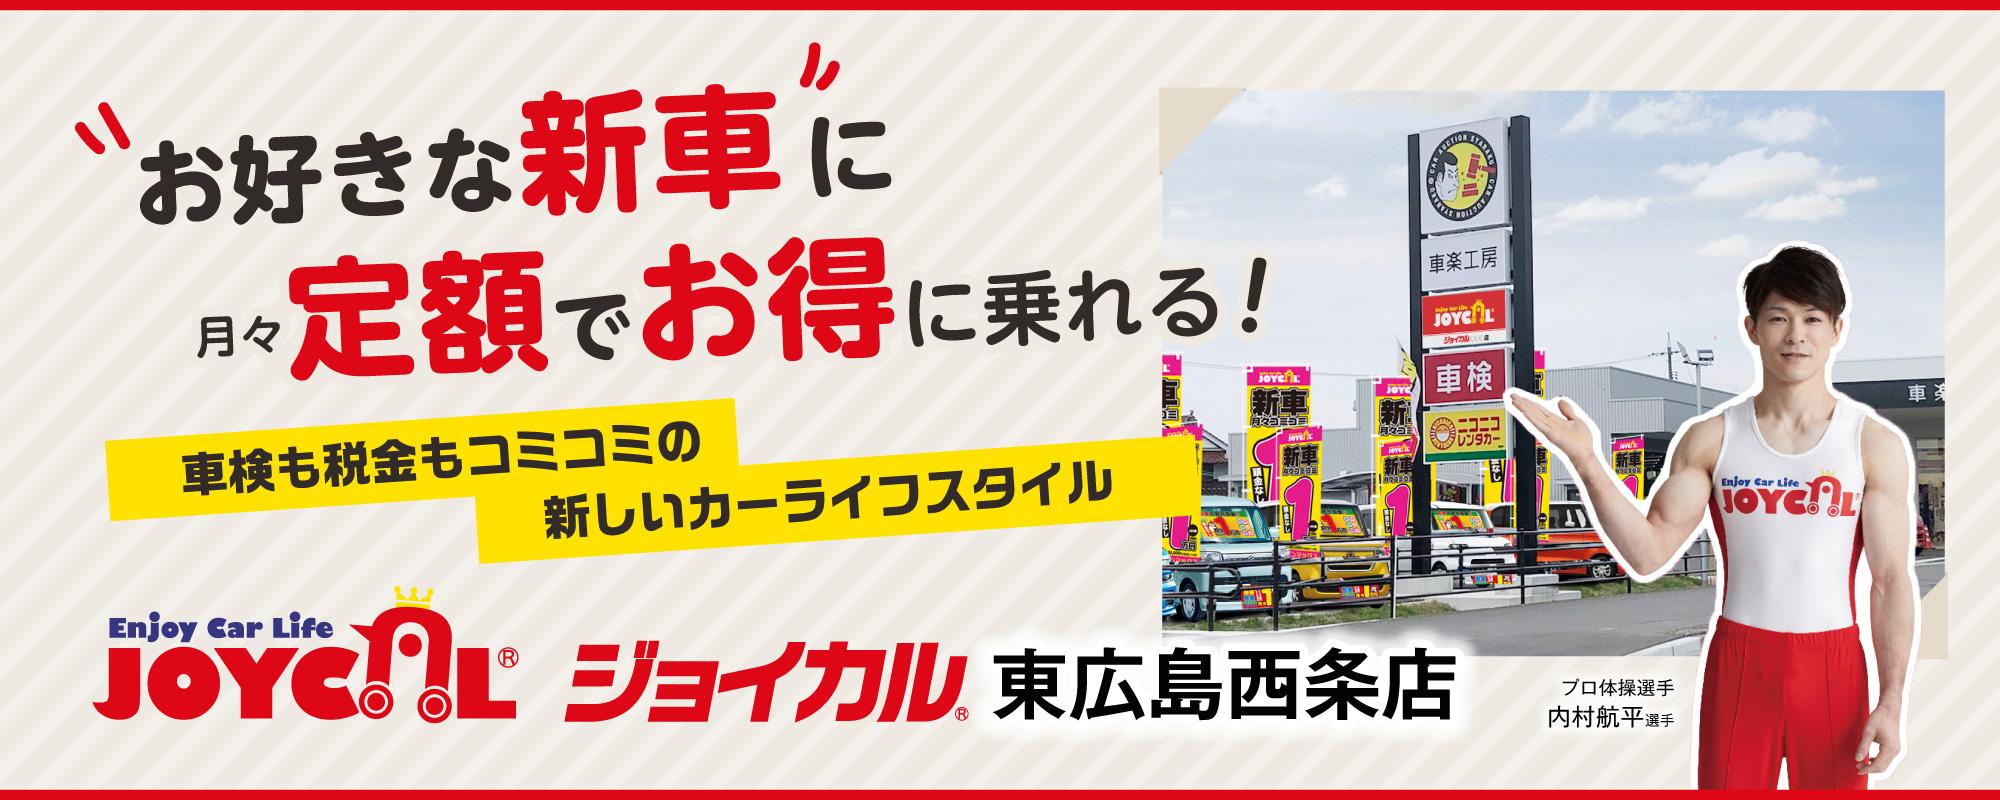 「お好きな新車」に月々定額でお得に乗れる! 車検も税金もコミコミの新しいカーライフスタイル ジョイカル東広島西条店